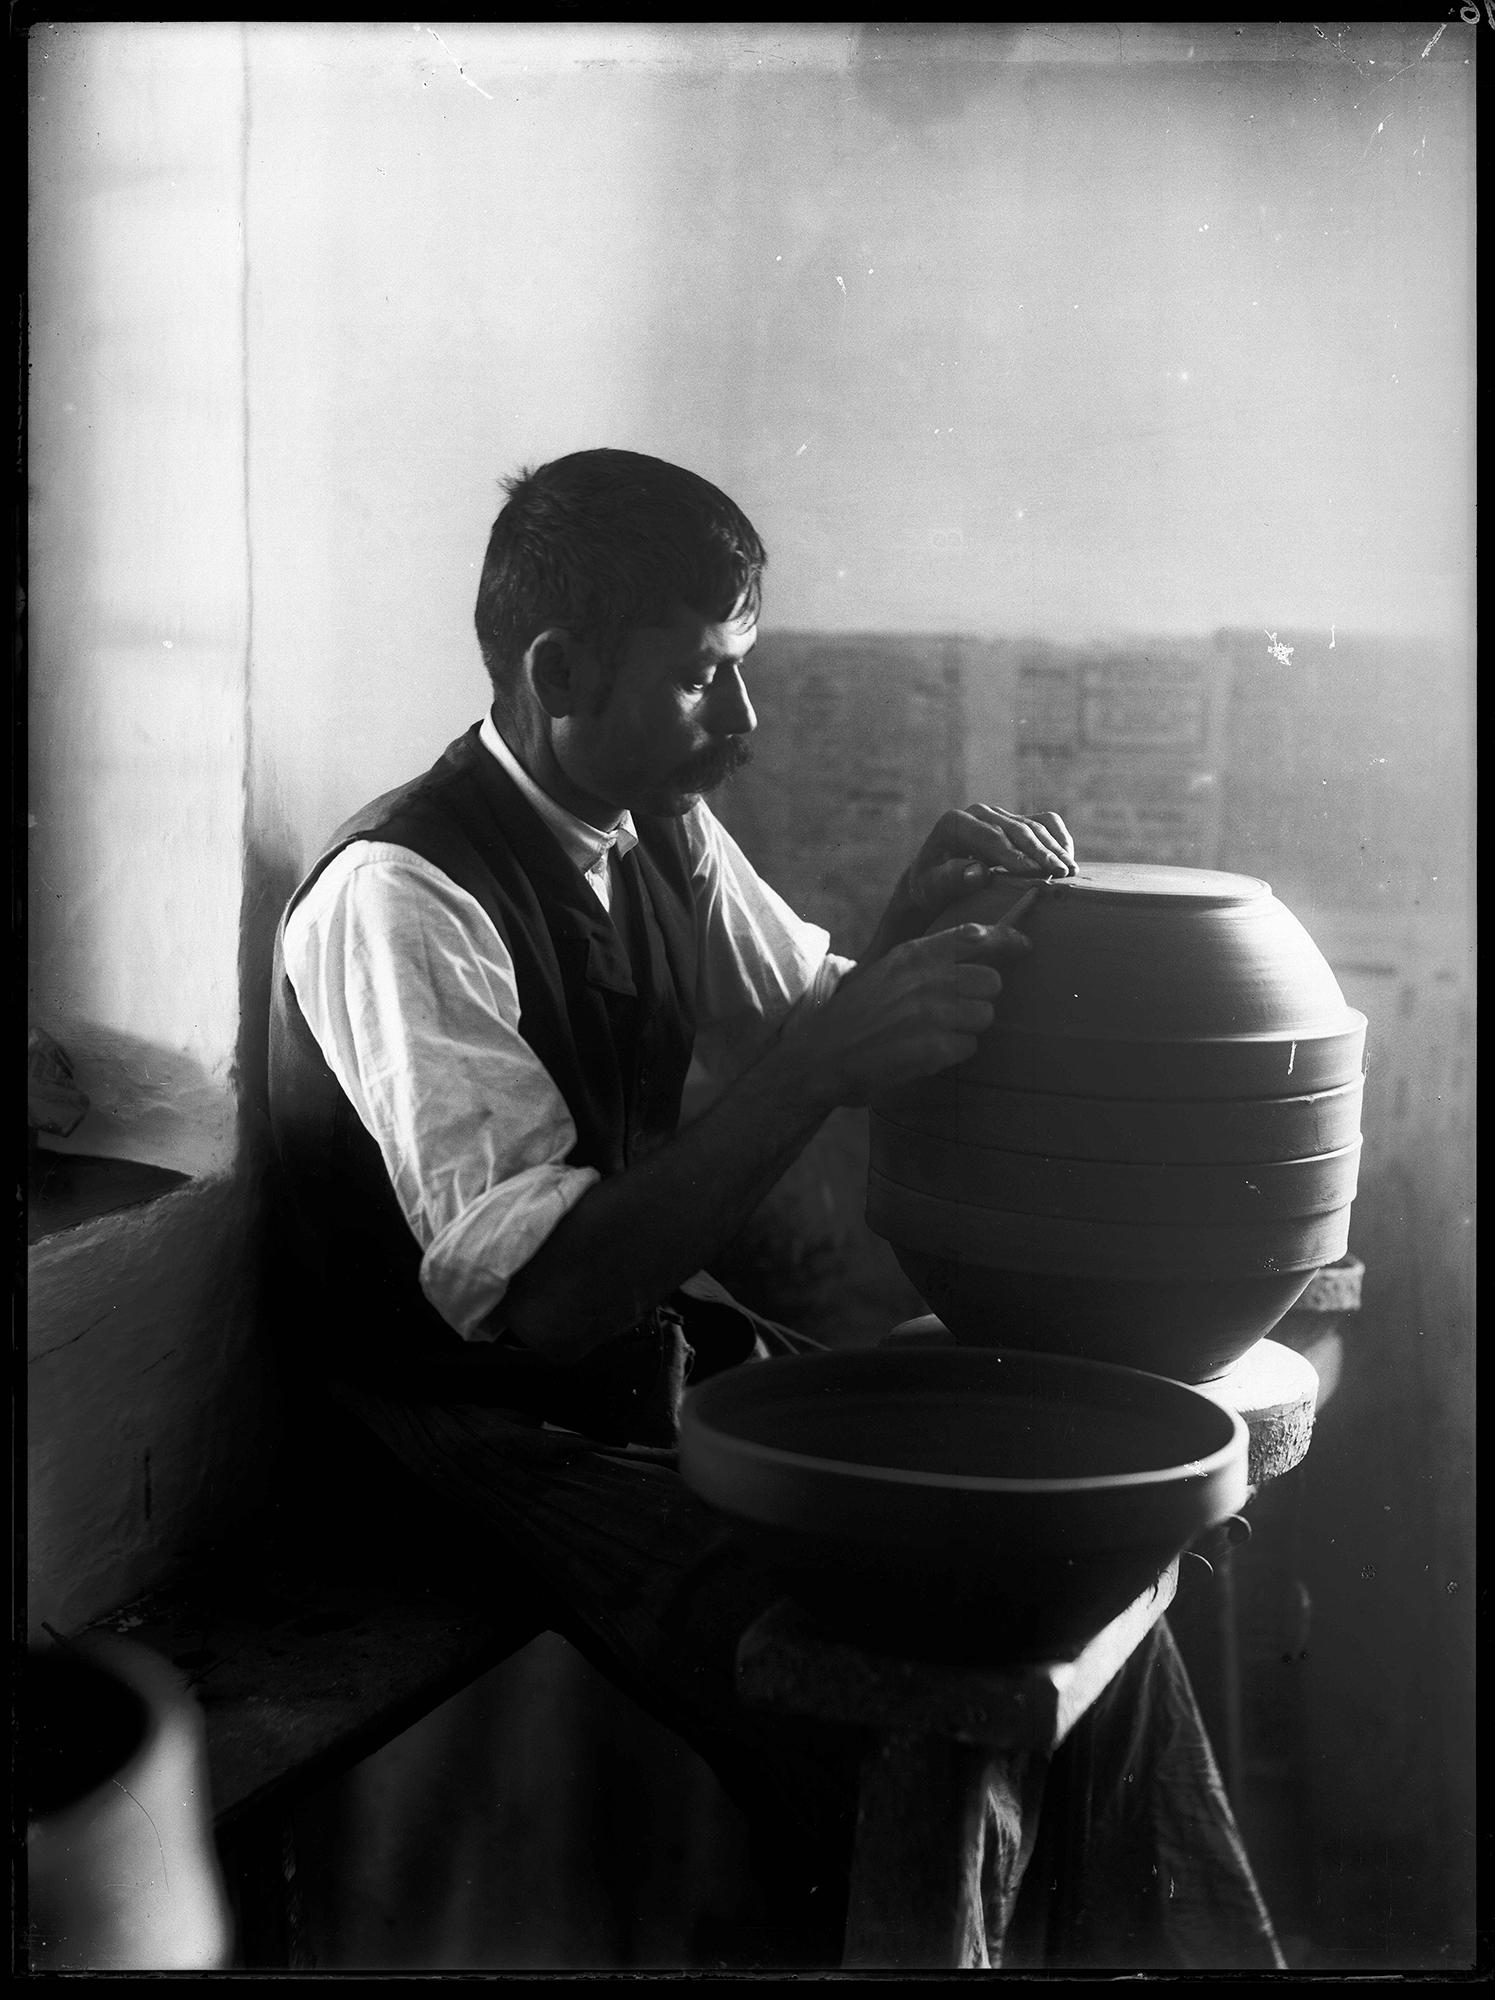 Fotó: Plohn József: Akasztólyuk készítése a fal fenékszögébe. © Tornyai János Múzeum gyűjteménye, Hódmezővásárhely